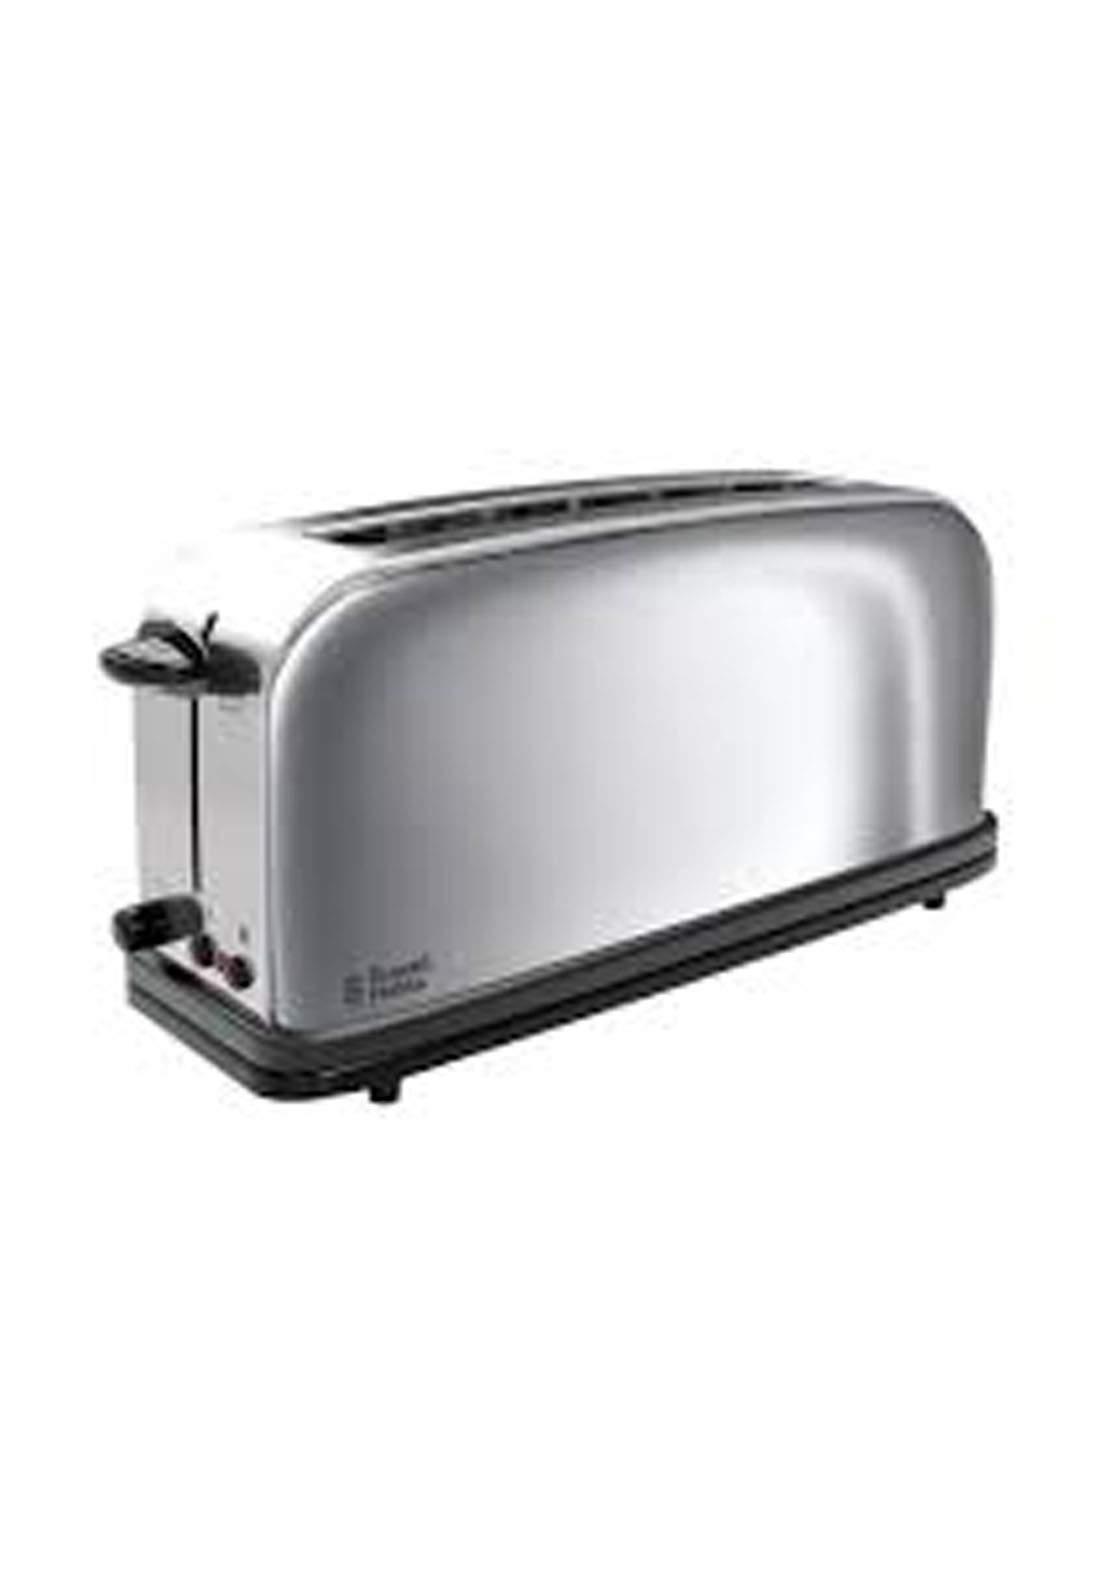 Russell hobbs 21390 Toaster محمصة